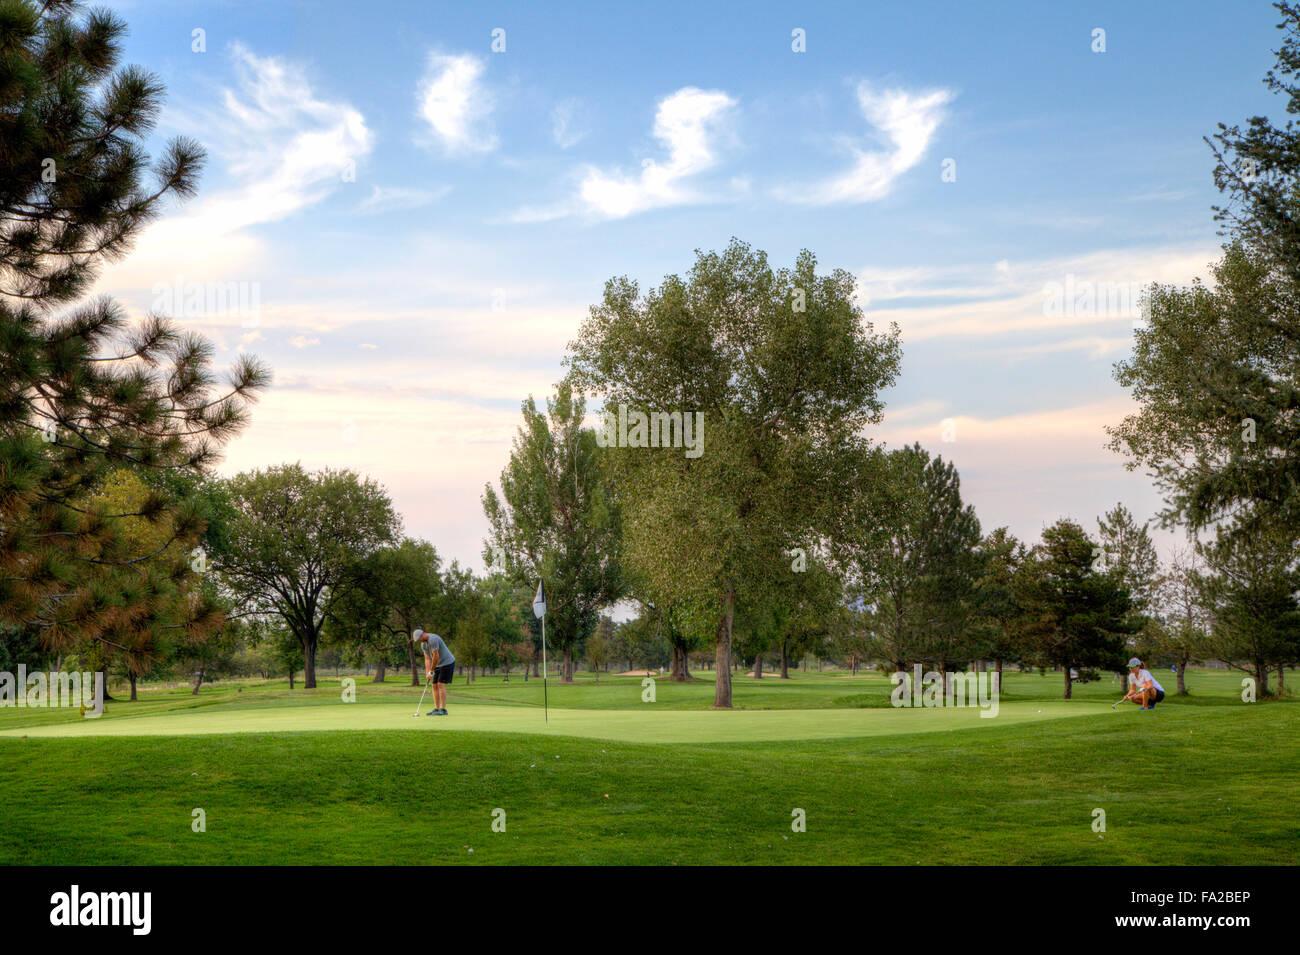 Deux golfeurs jouant sur un vert de golf. Photo Stock